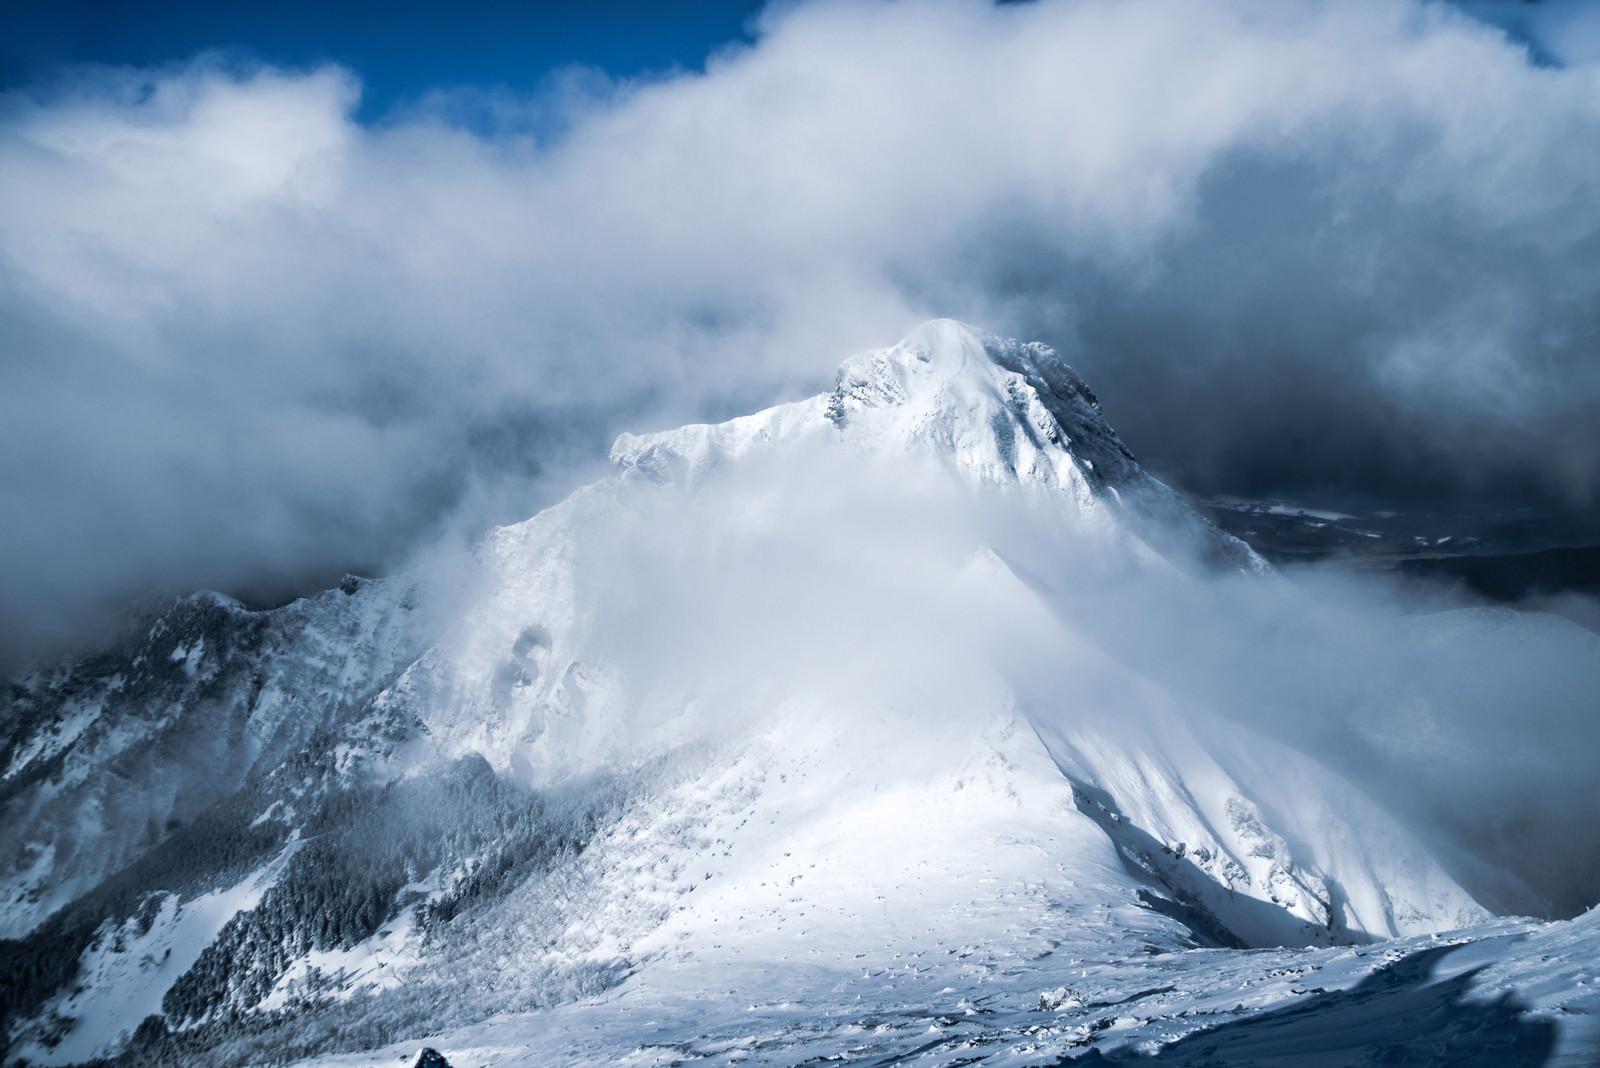 「降雪直後の阿弥陀岳(八ヶ岳南部)」の写真